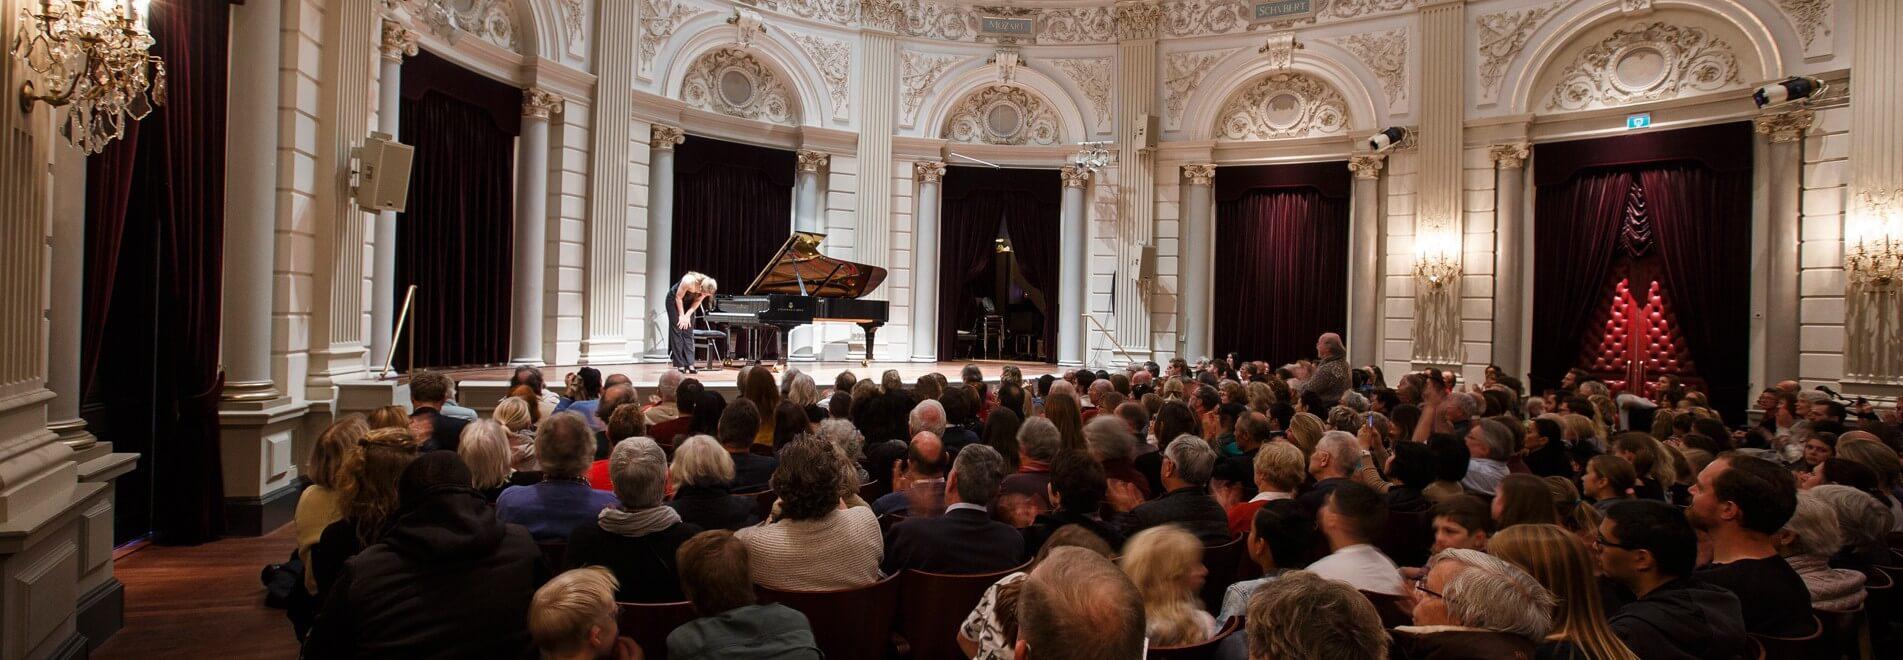 Concertgebouw Amsterdam Kleine Zaal - Foto Hans Roggen